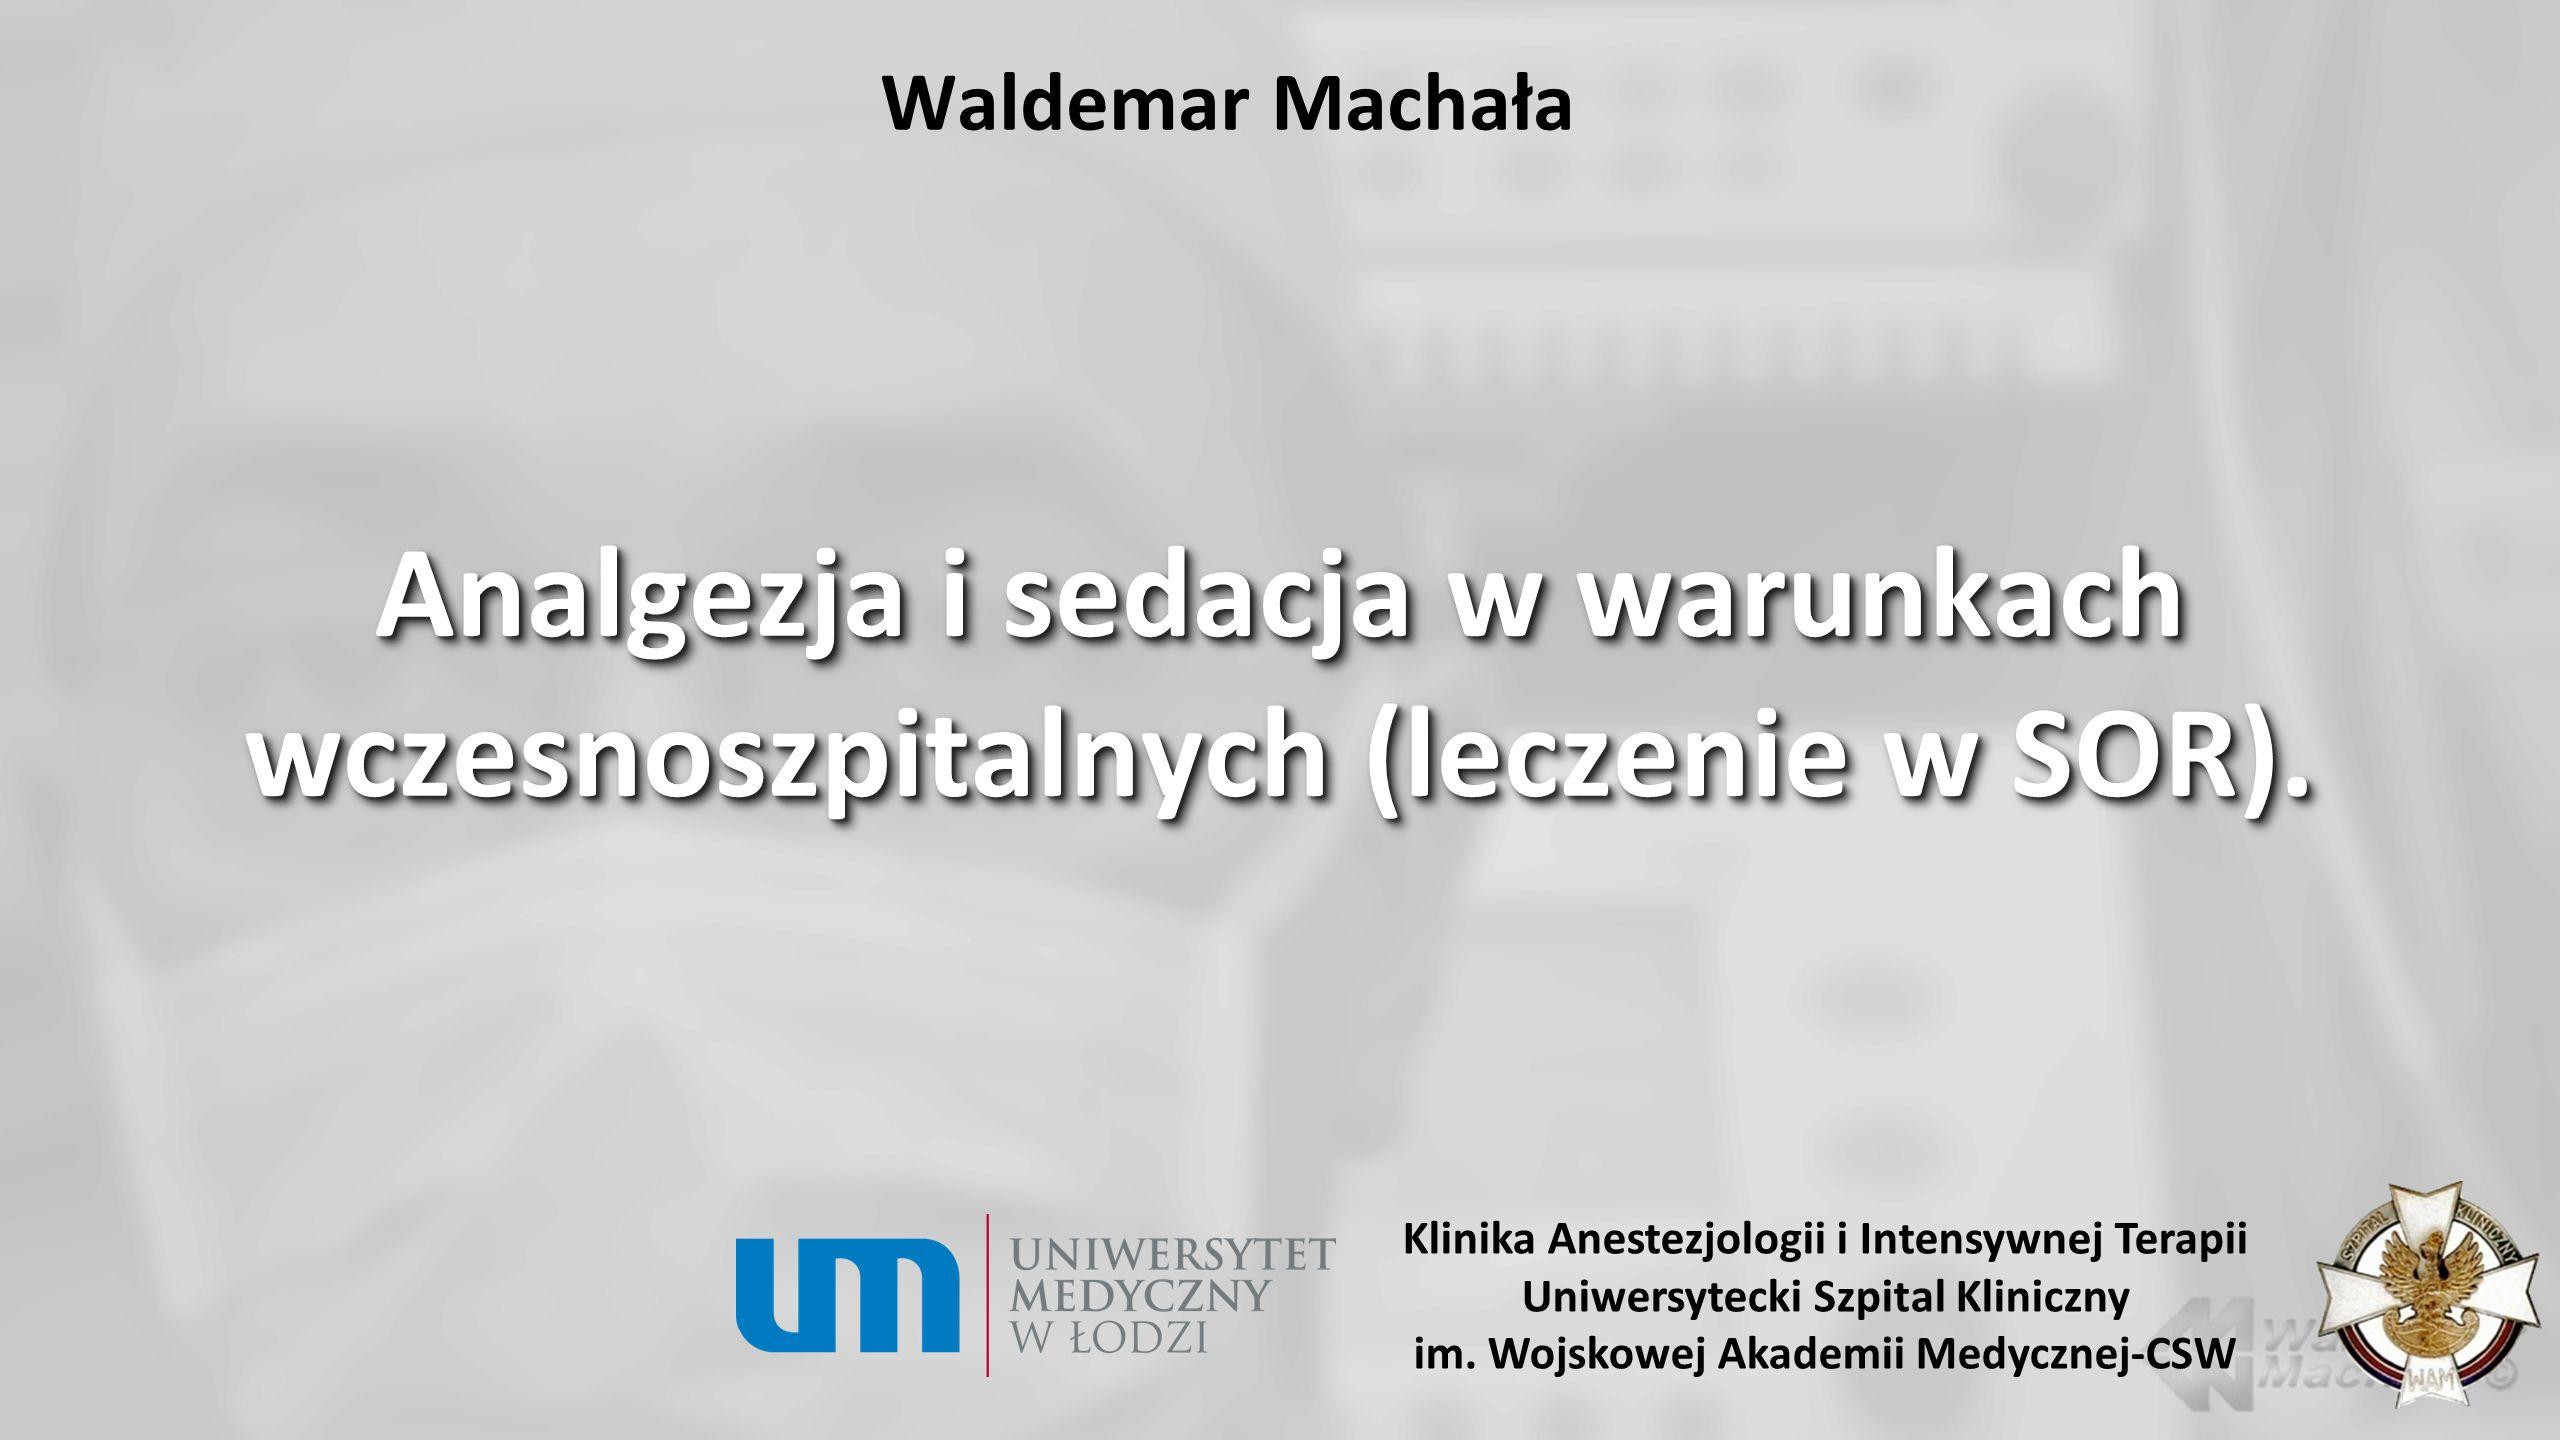 Waldemar Machała Analgezja i sedacja w warunkach wczesnoszpitalnych (leczenie w SOR). Klinika Anestezjologii i Intensywnej Terapii Uniwersytecki Szpit